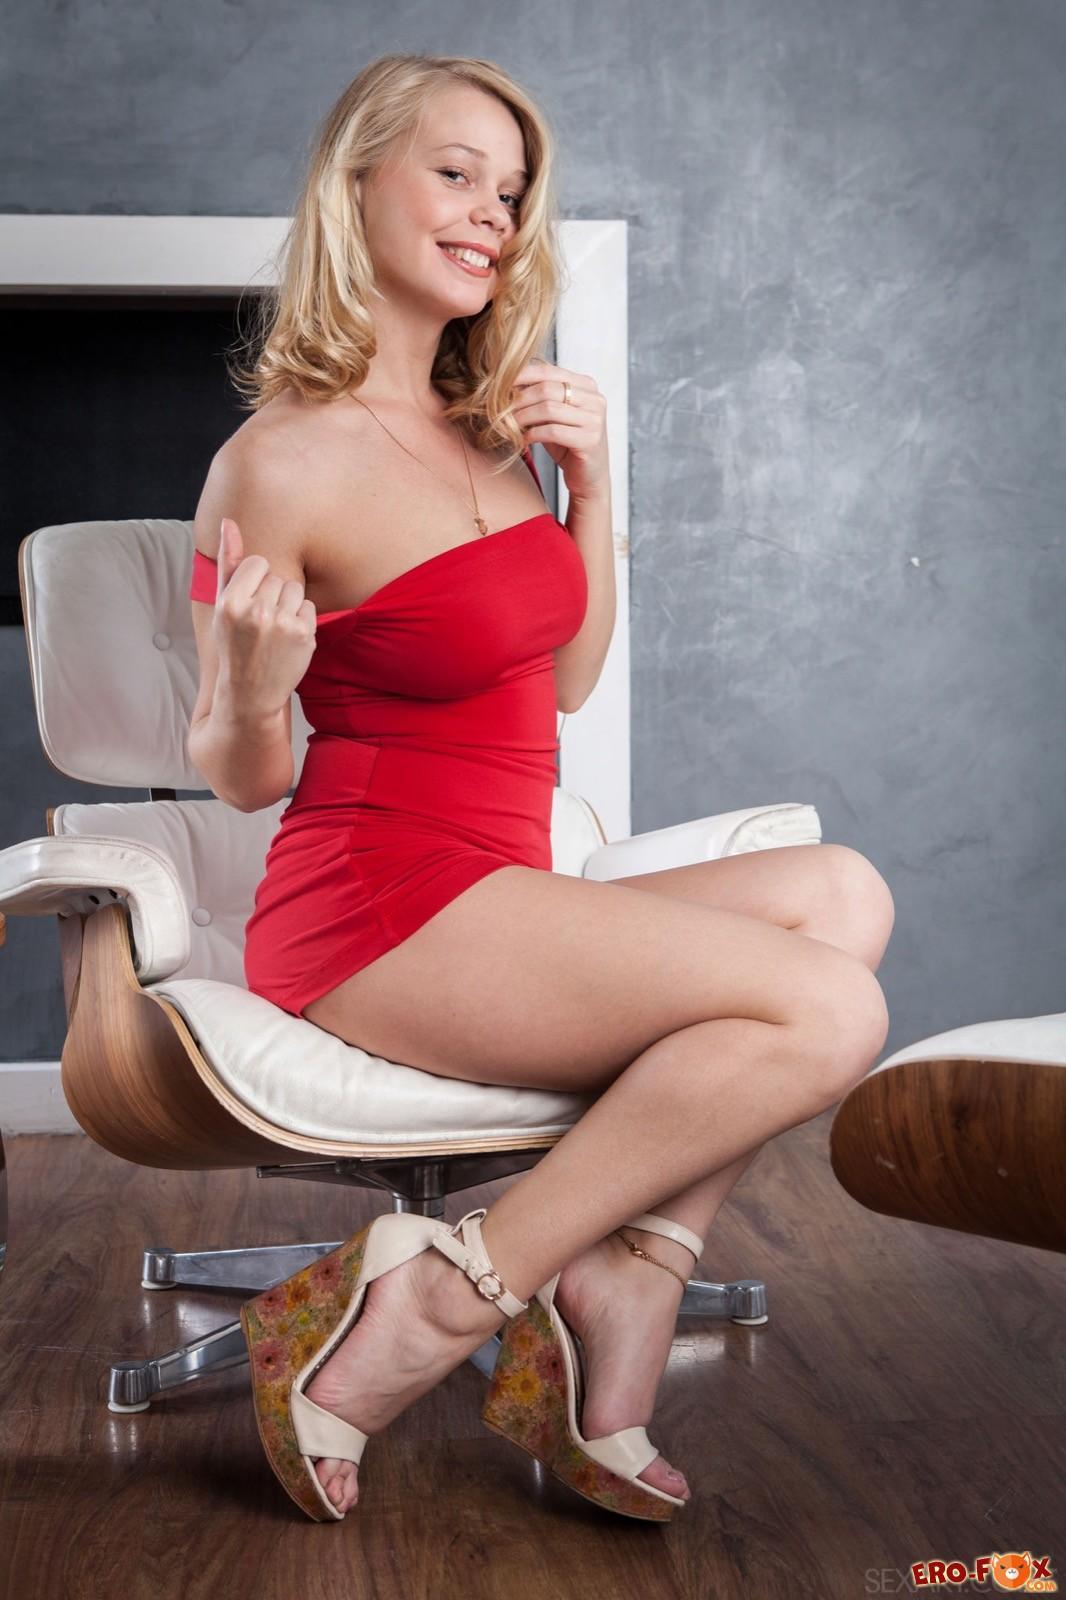 Белобрысая девушка в красном платье разделась дома